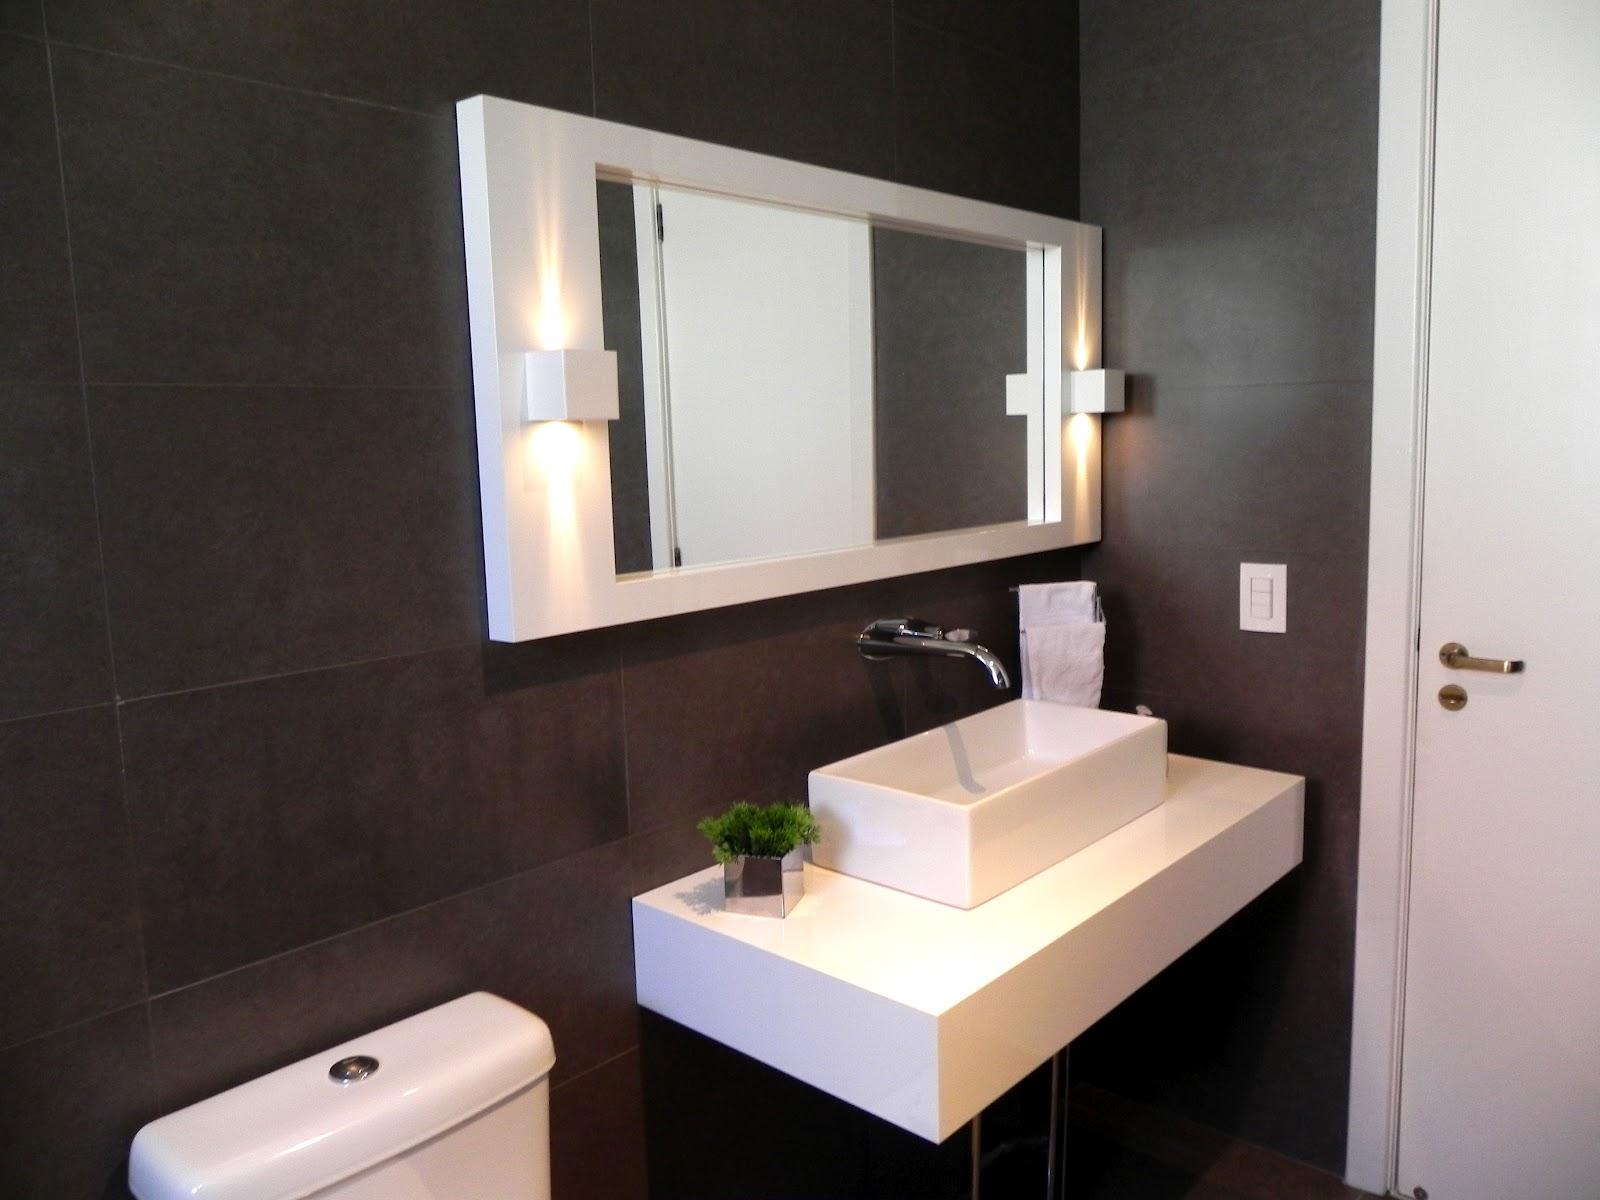 Lavabo tem bancada e espelho em laca e cuba de apoio #454C86 1600x1200